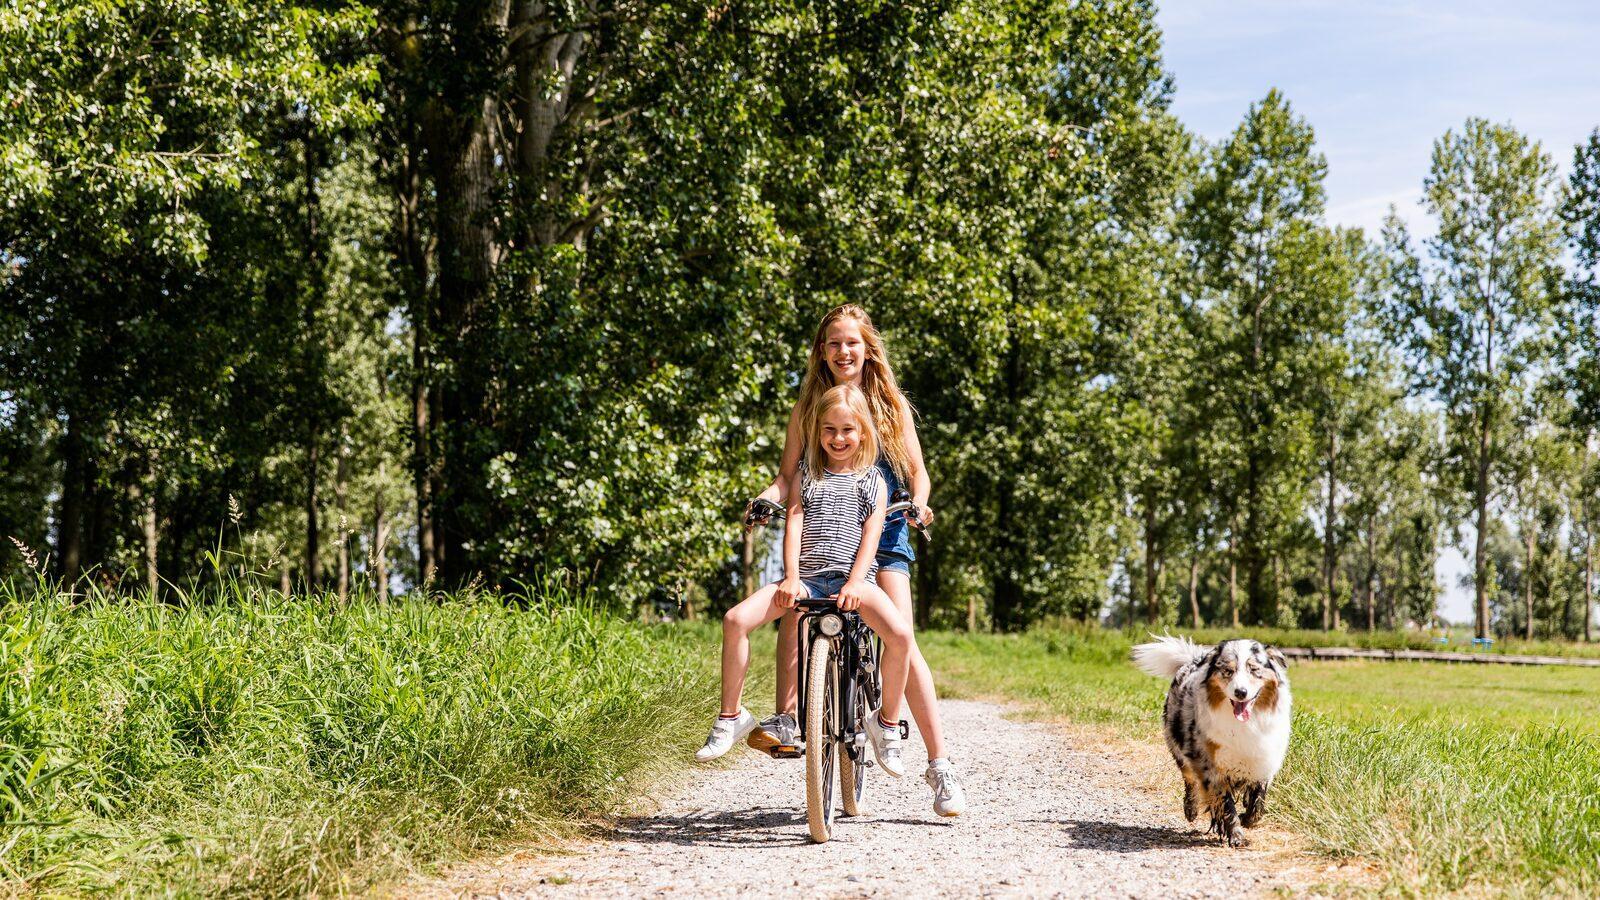 10 Gründe, warum es auch toll ist, innerhalb der Niederlande in Urlaub zu fahren